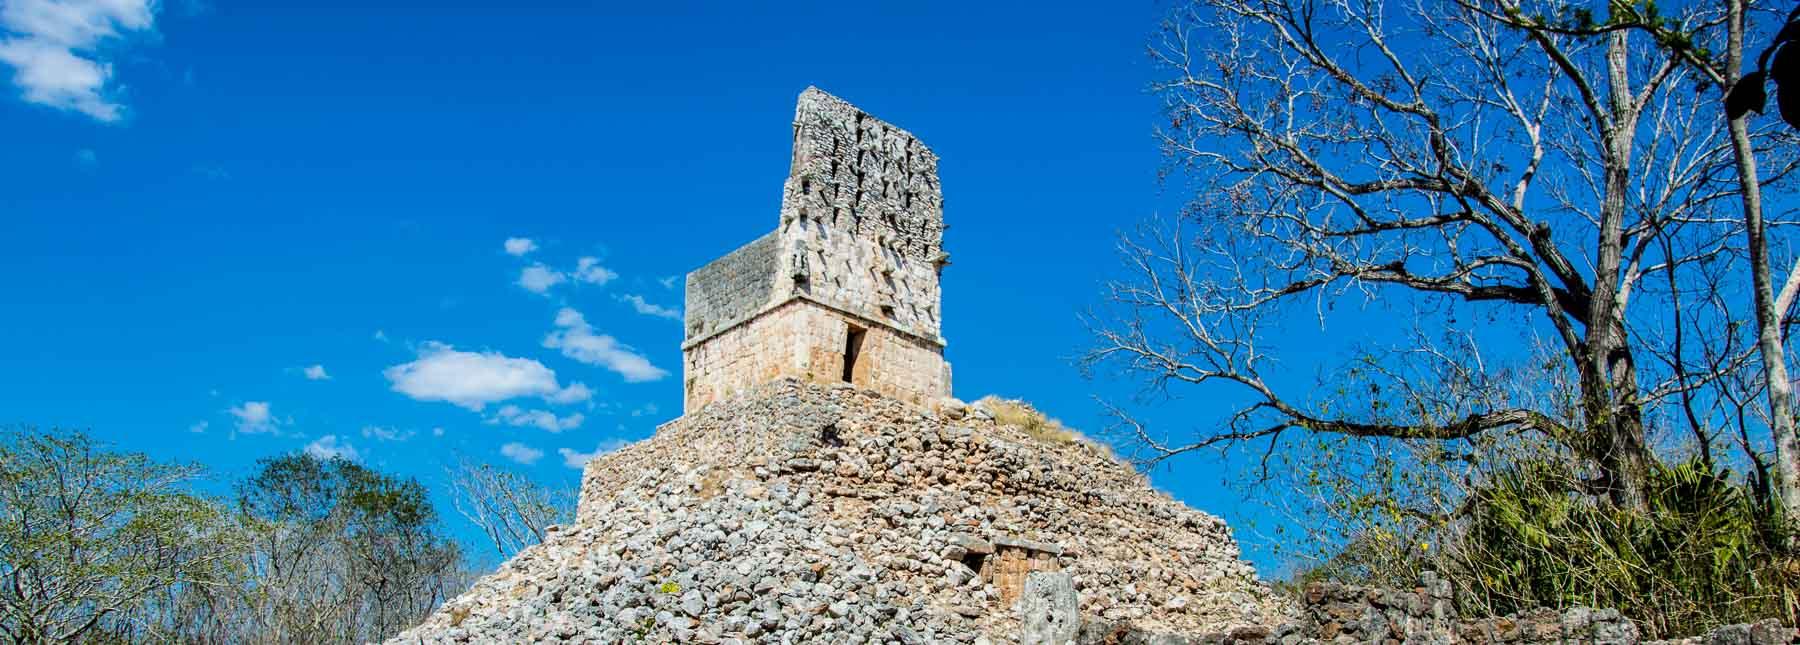 Mayan ruins of El Mirador temple at Sayil.